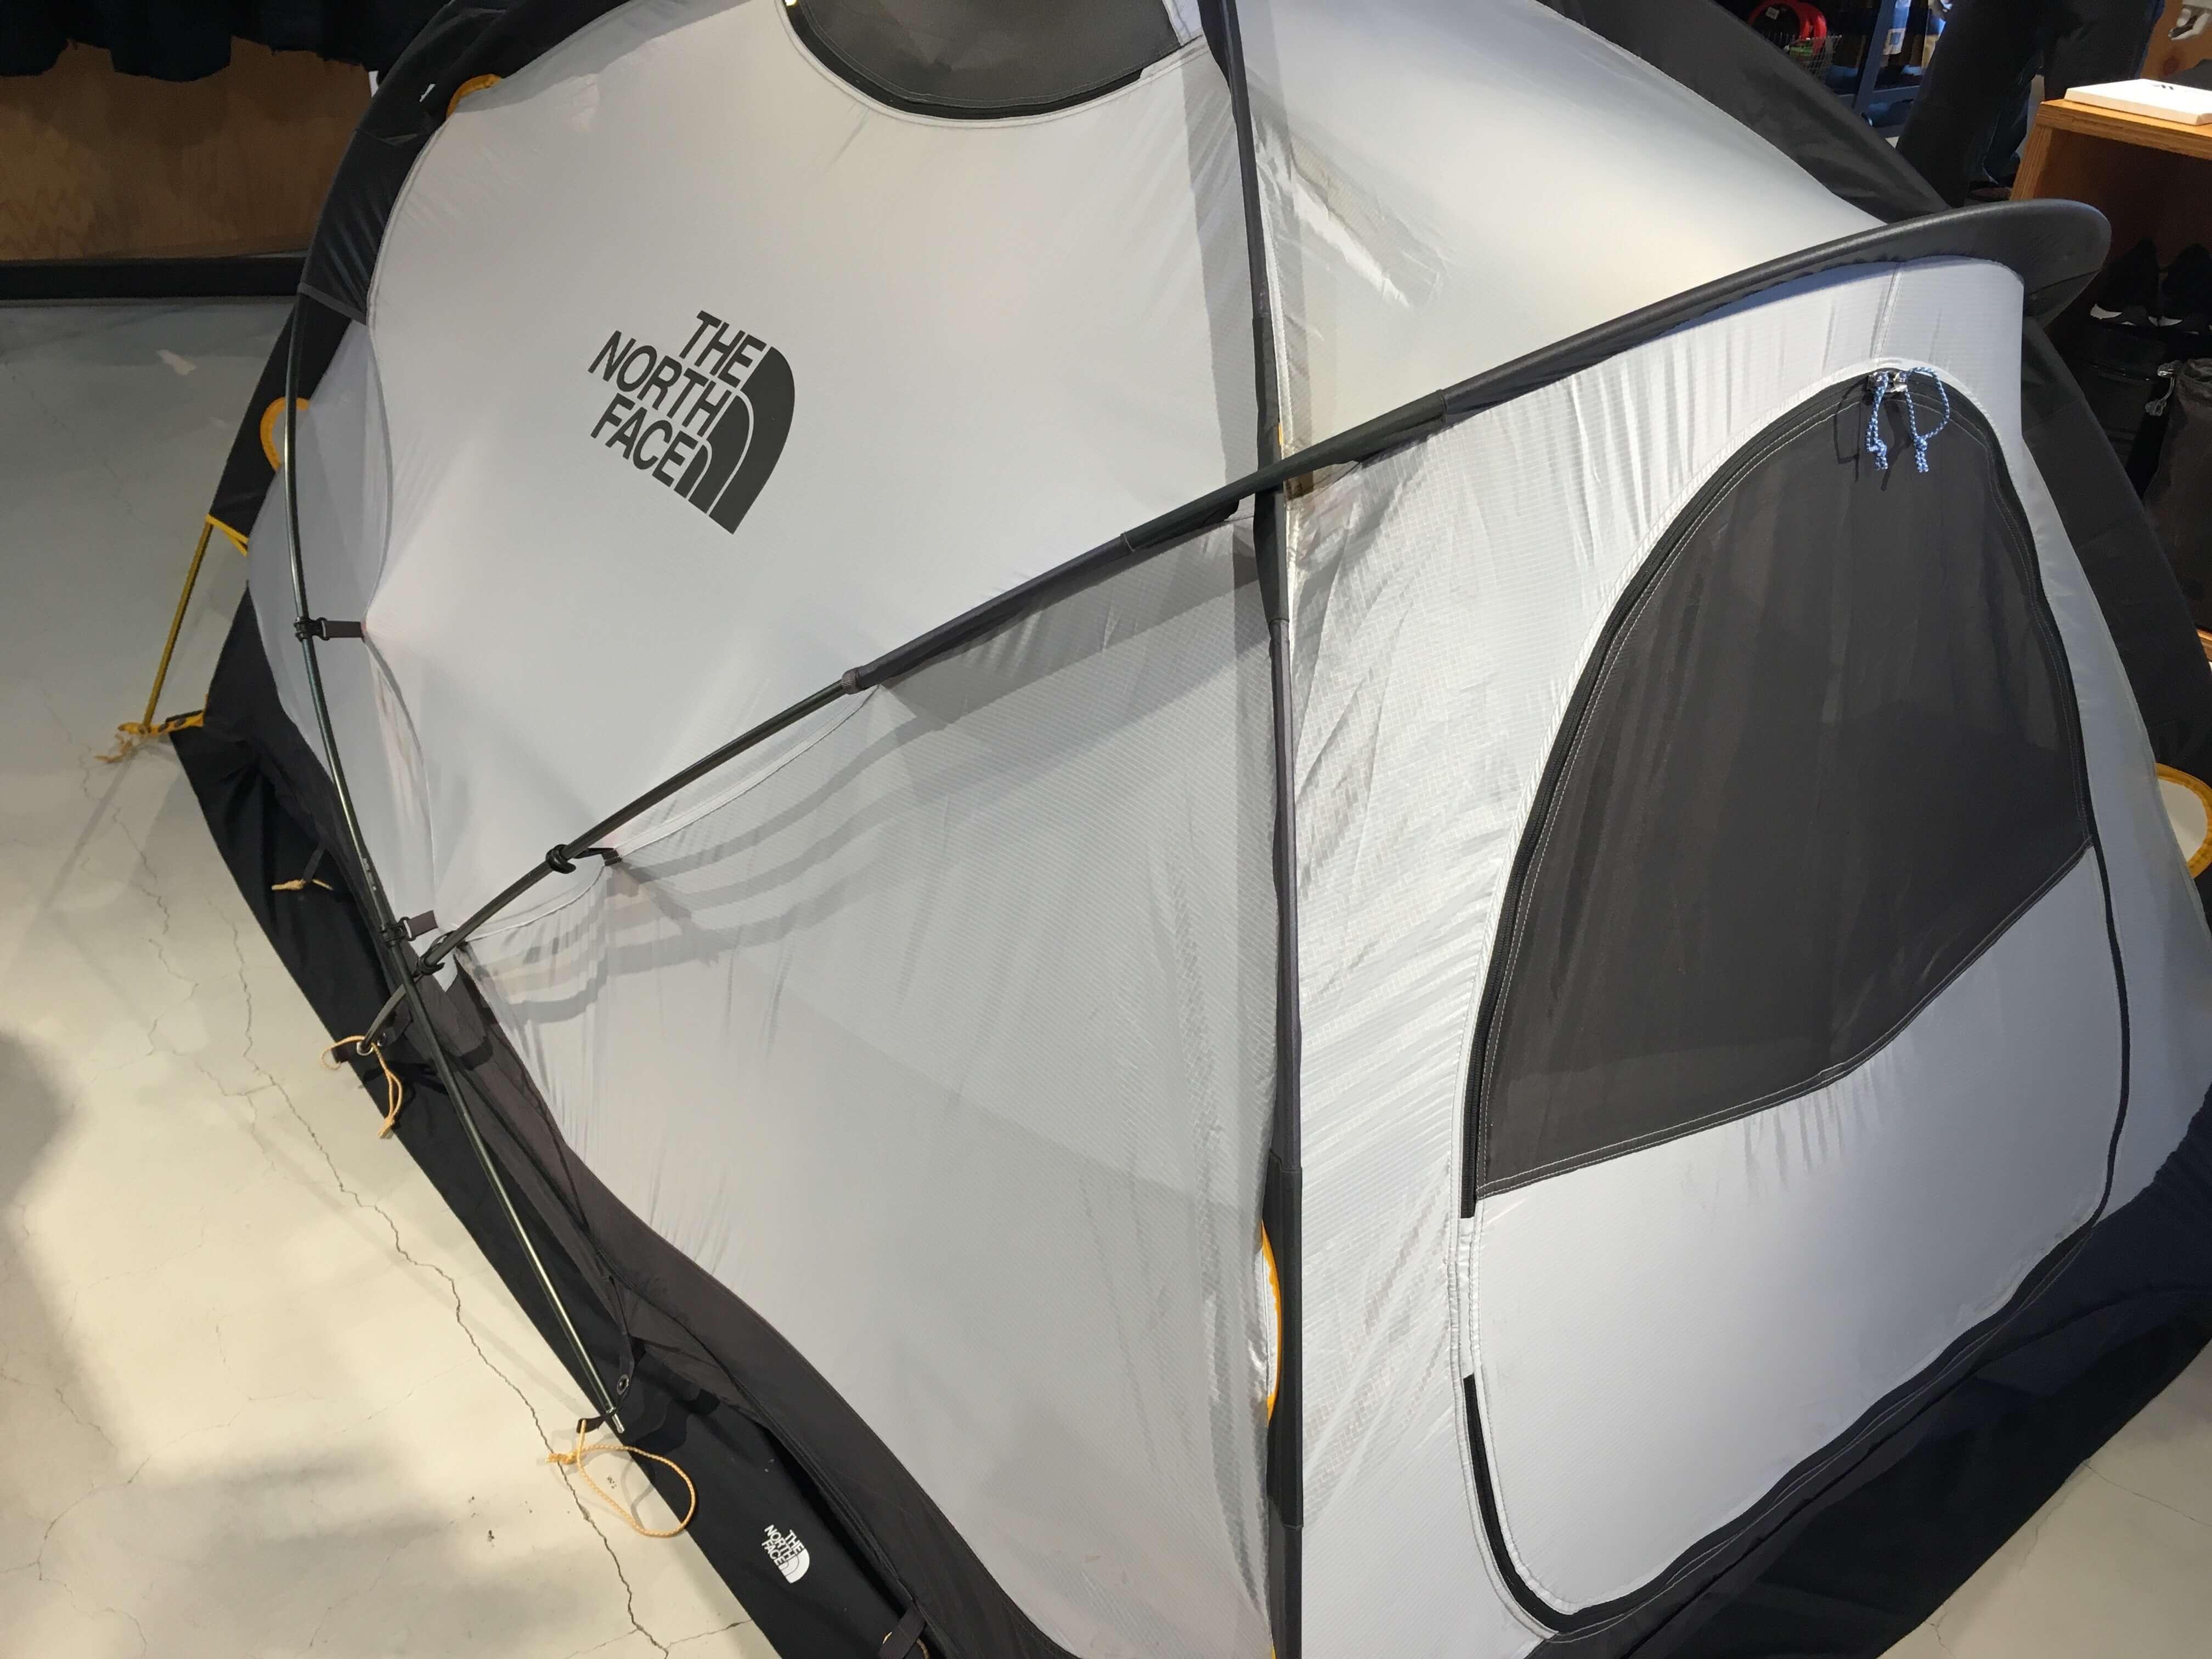 ノースフェイス テント